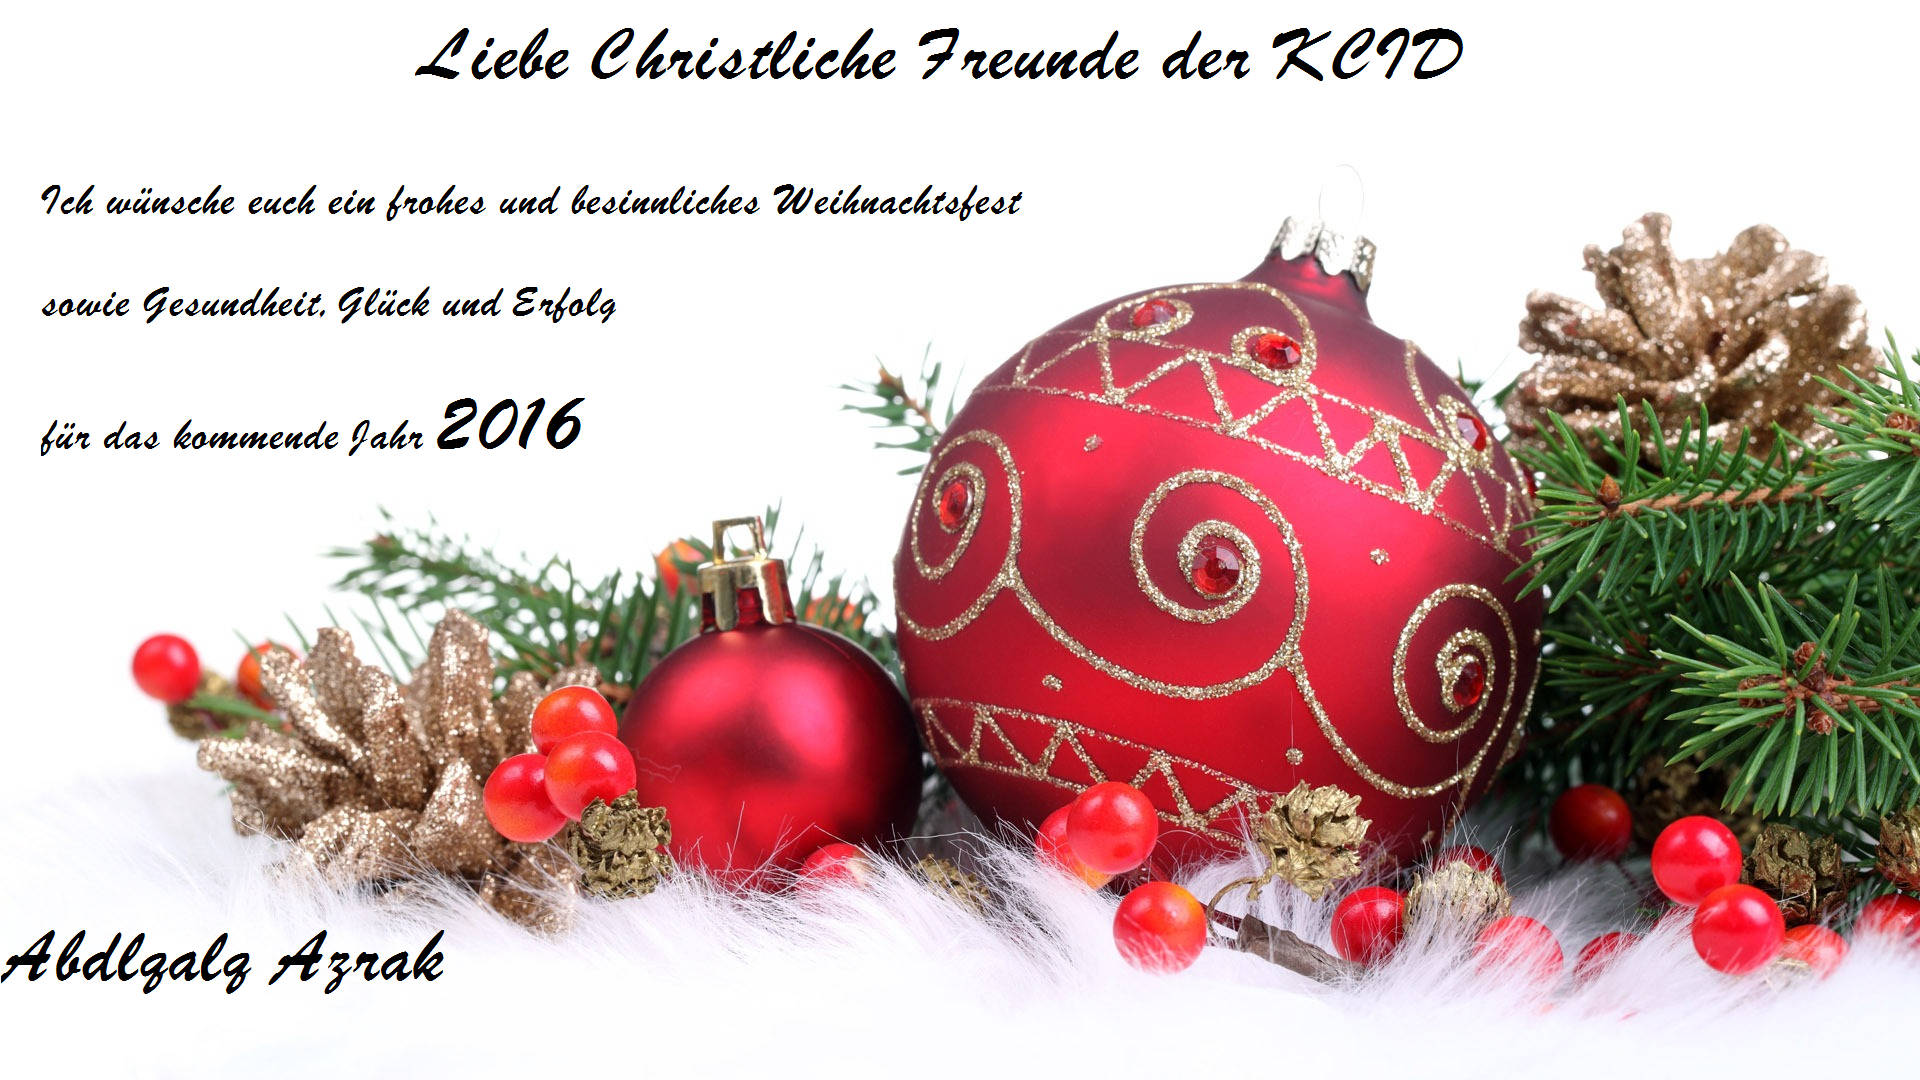 Grüße zu Mawlid an-Nabi, Weihnachten und Neujahr | CIG-Karlsruhe